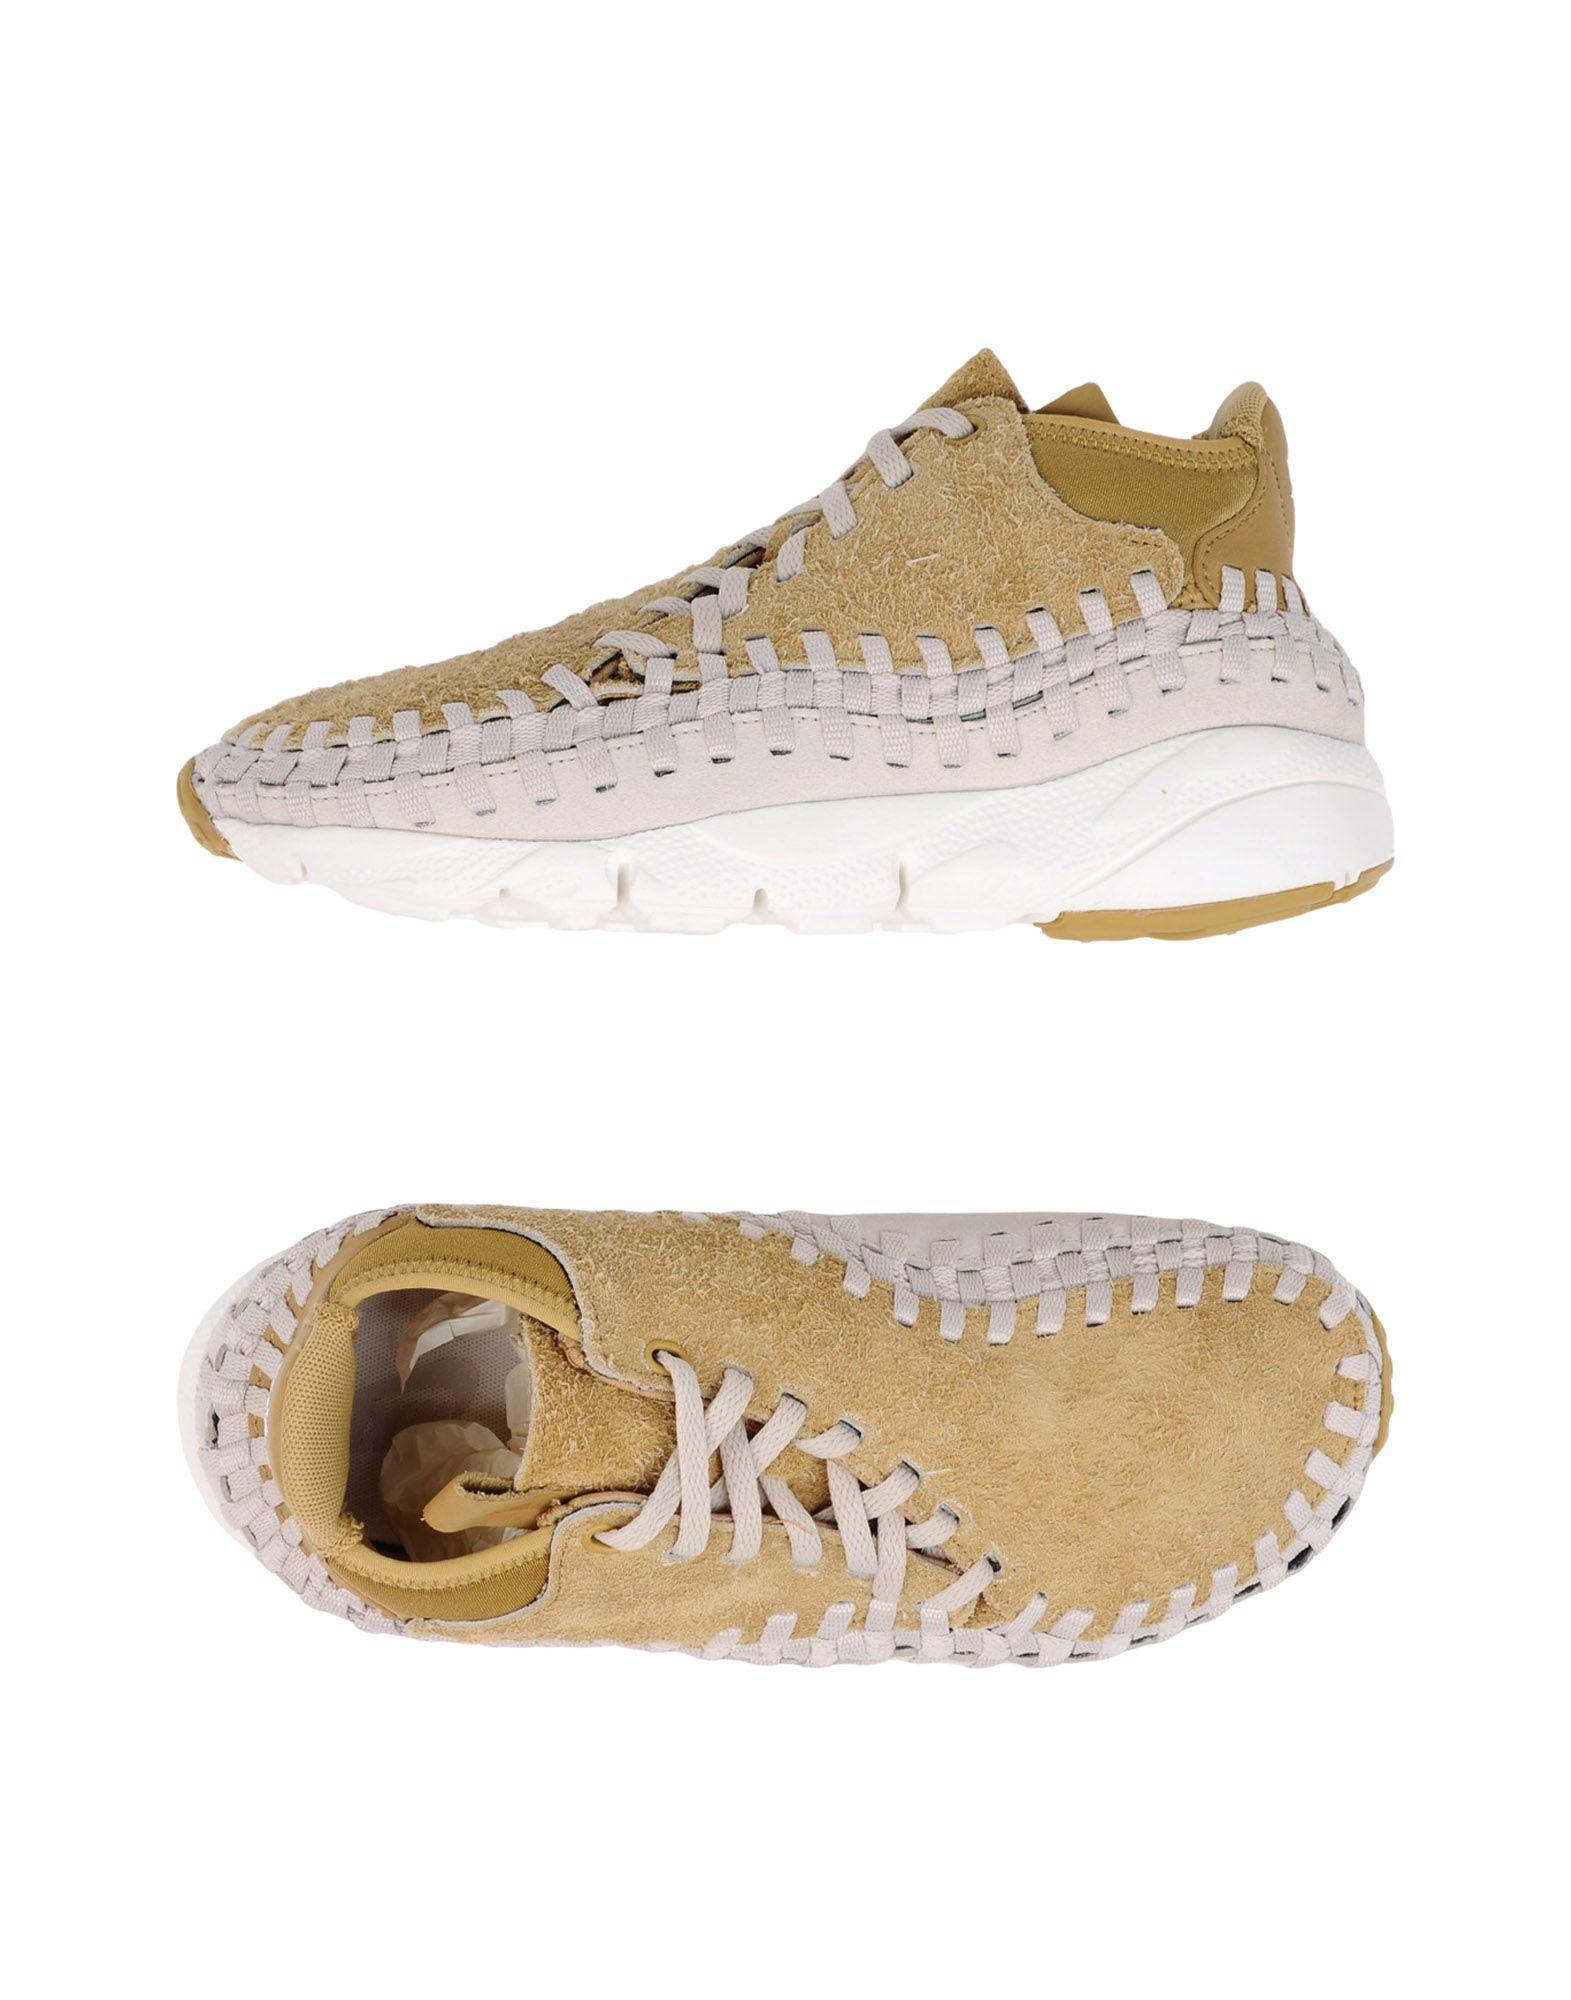 Sneakers Nike Homme Camel - Sneakers Nike  Camel Homme Spécial temps limité a5a5d9